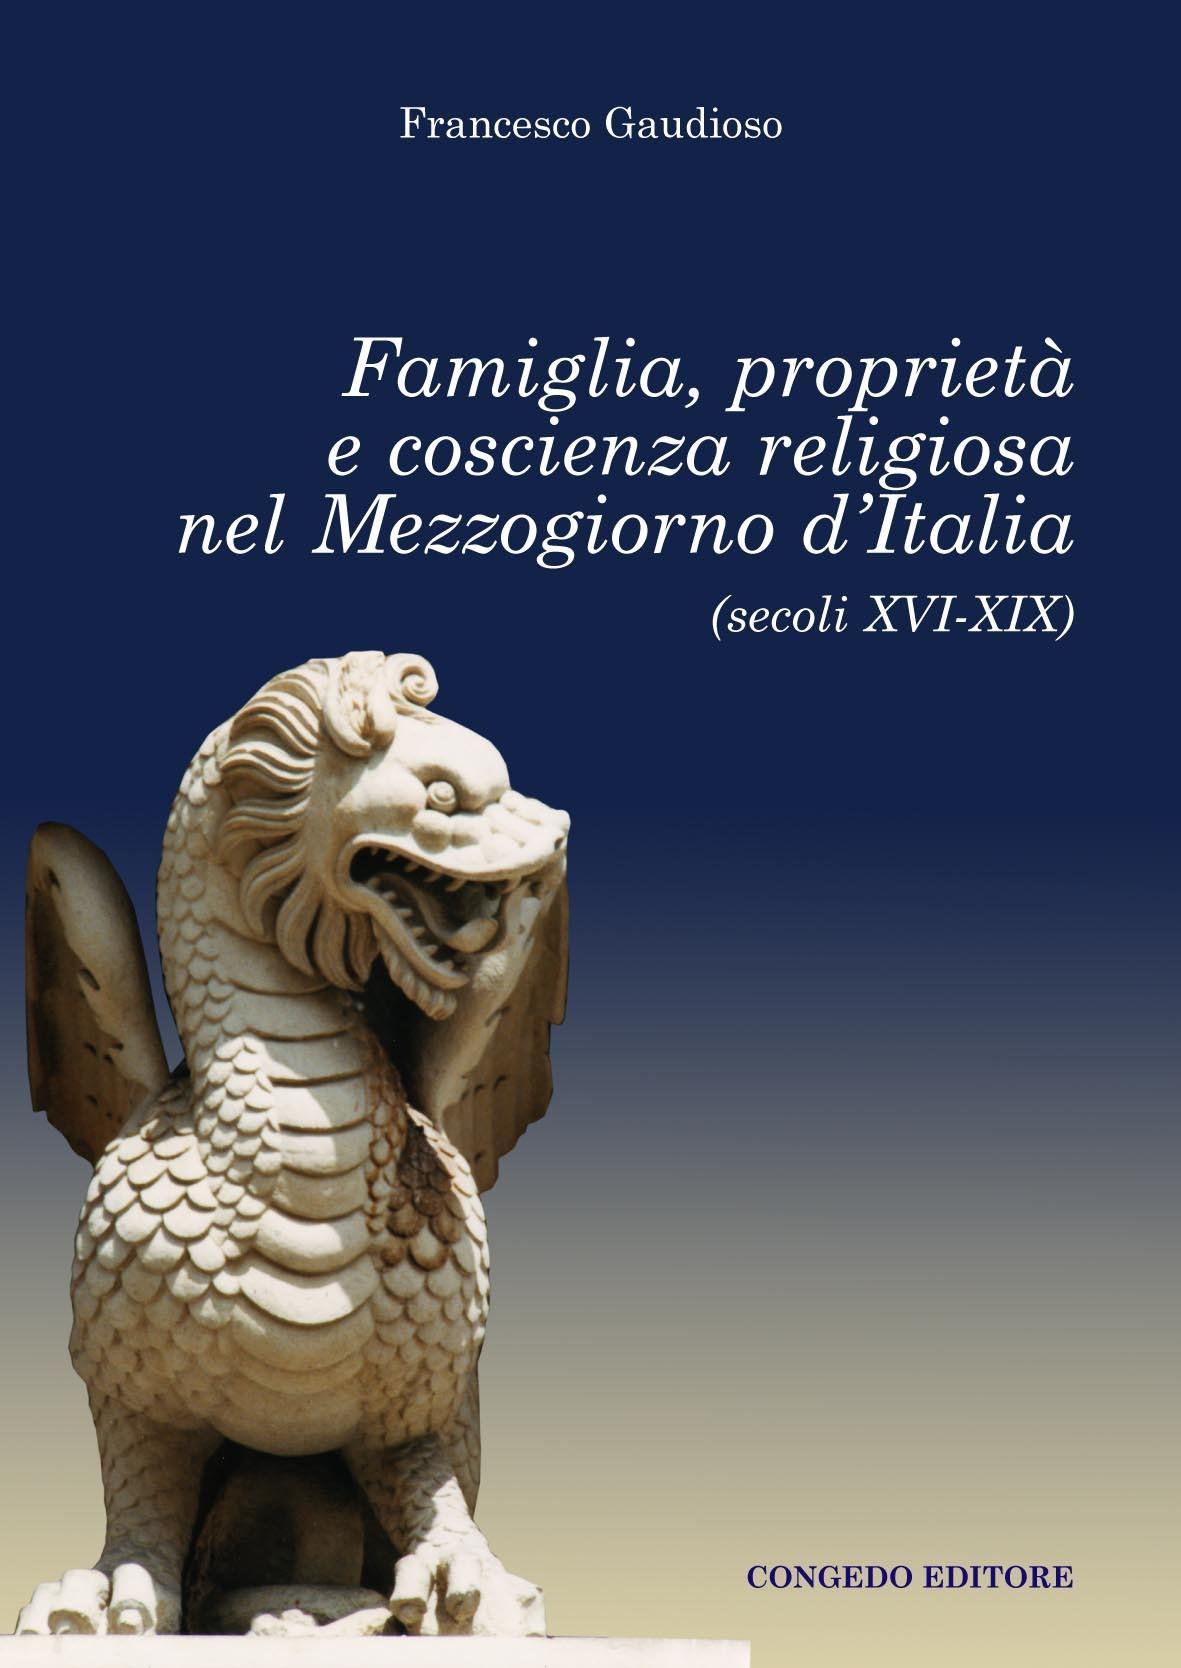 Famiglia, proprieta' e coscienza religiosa nel Mezzogiorno d'Italia